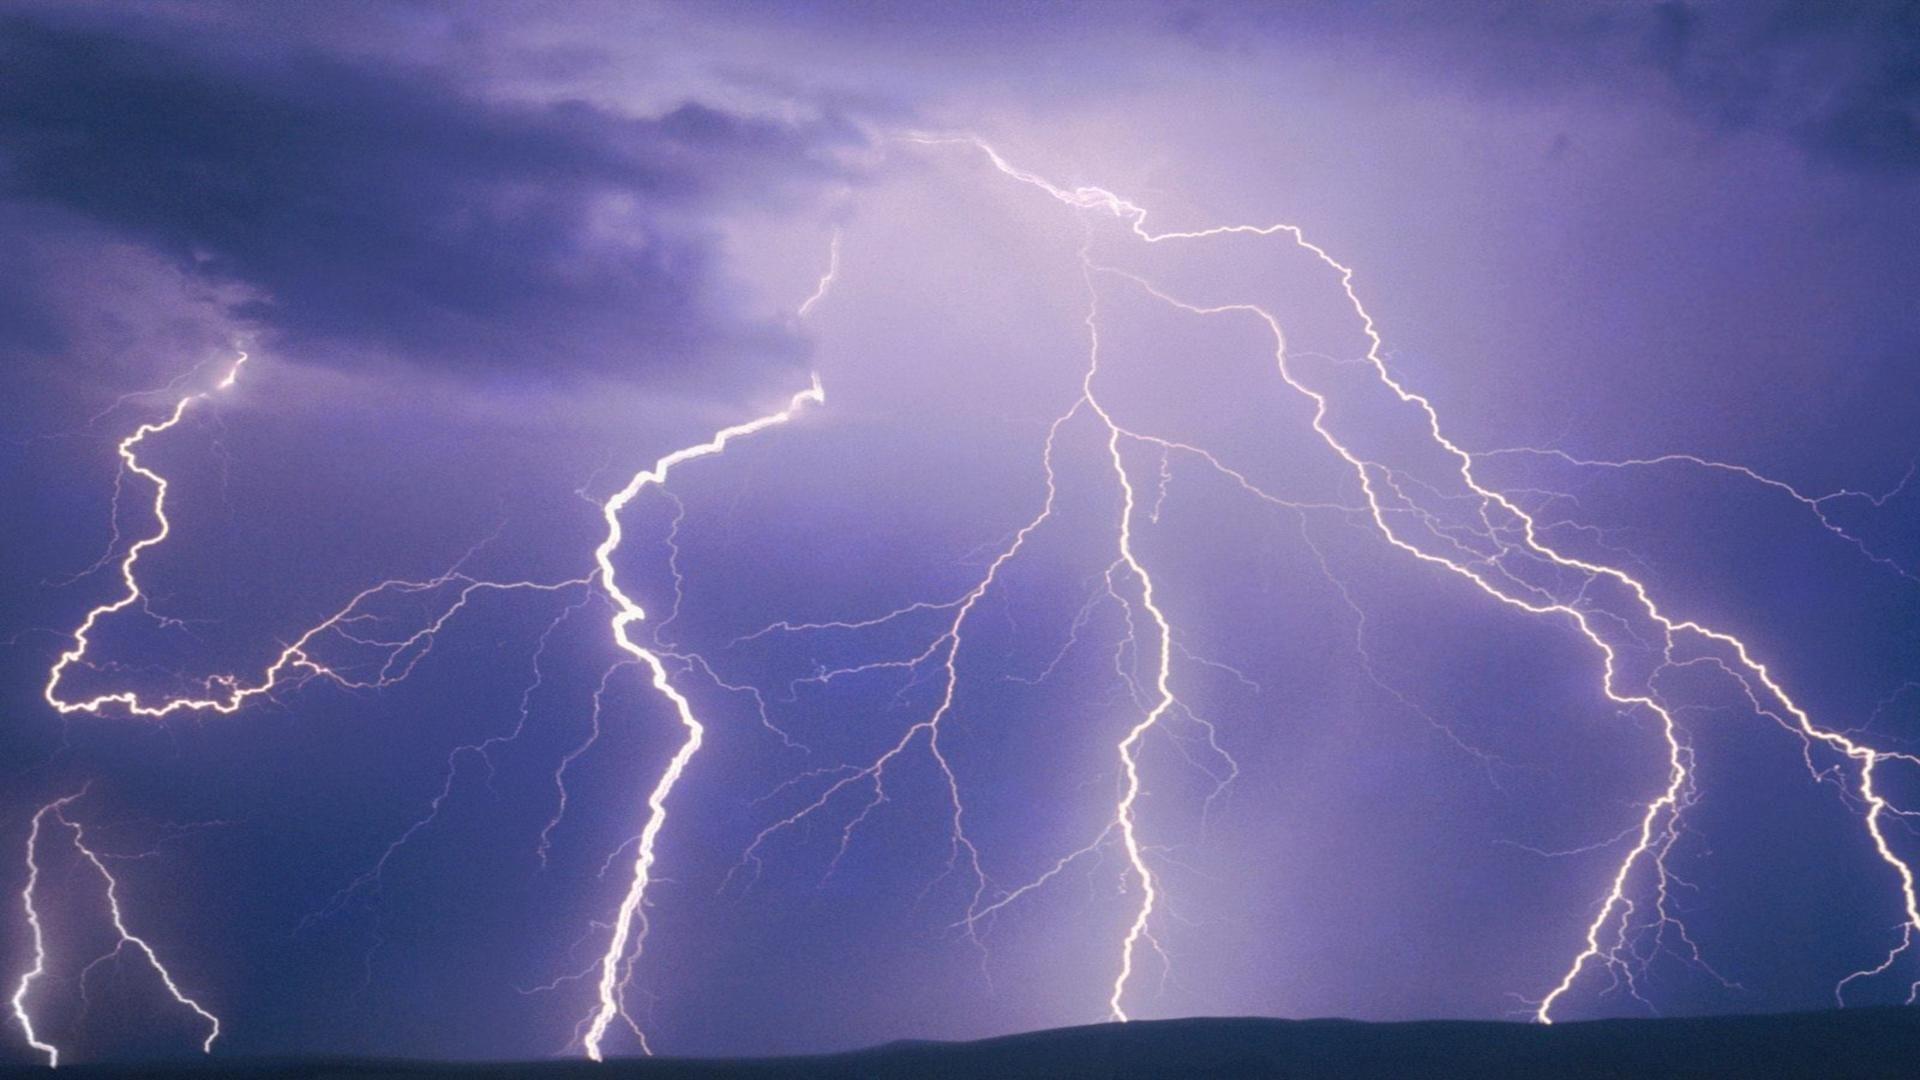 lightning strike wallpaper - photo #34